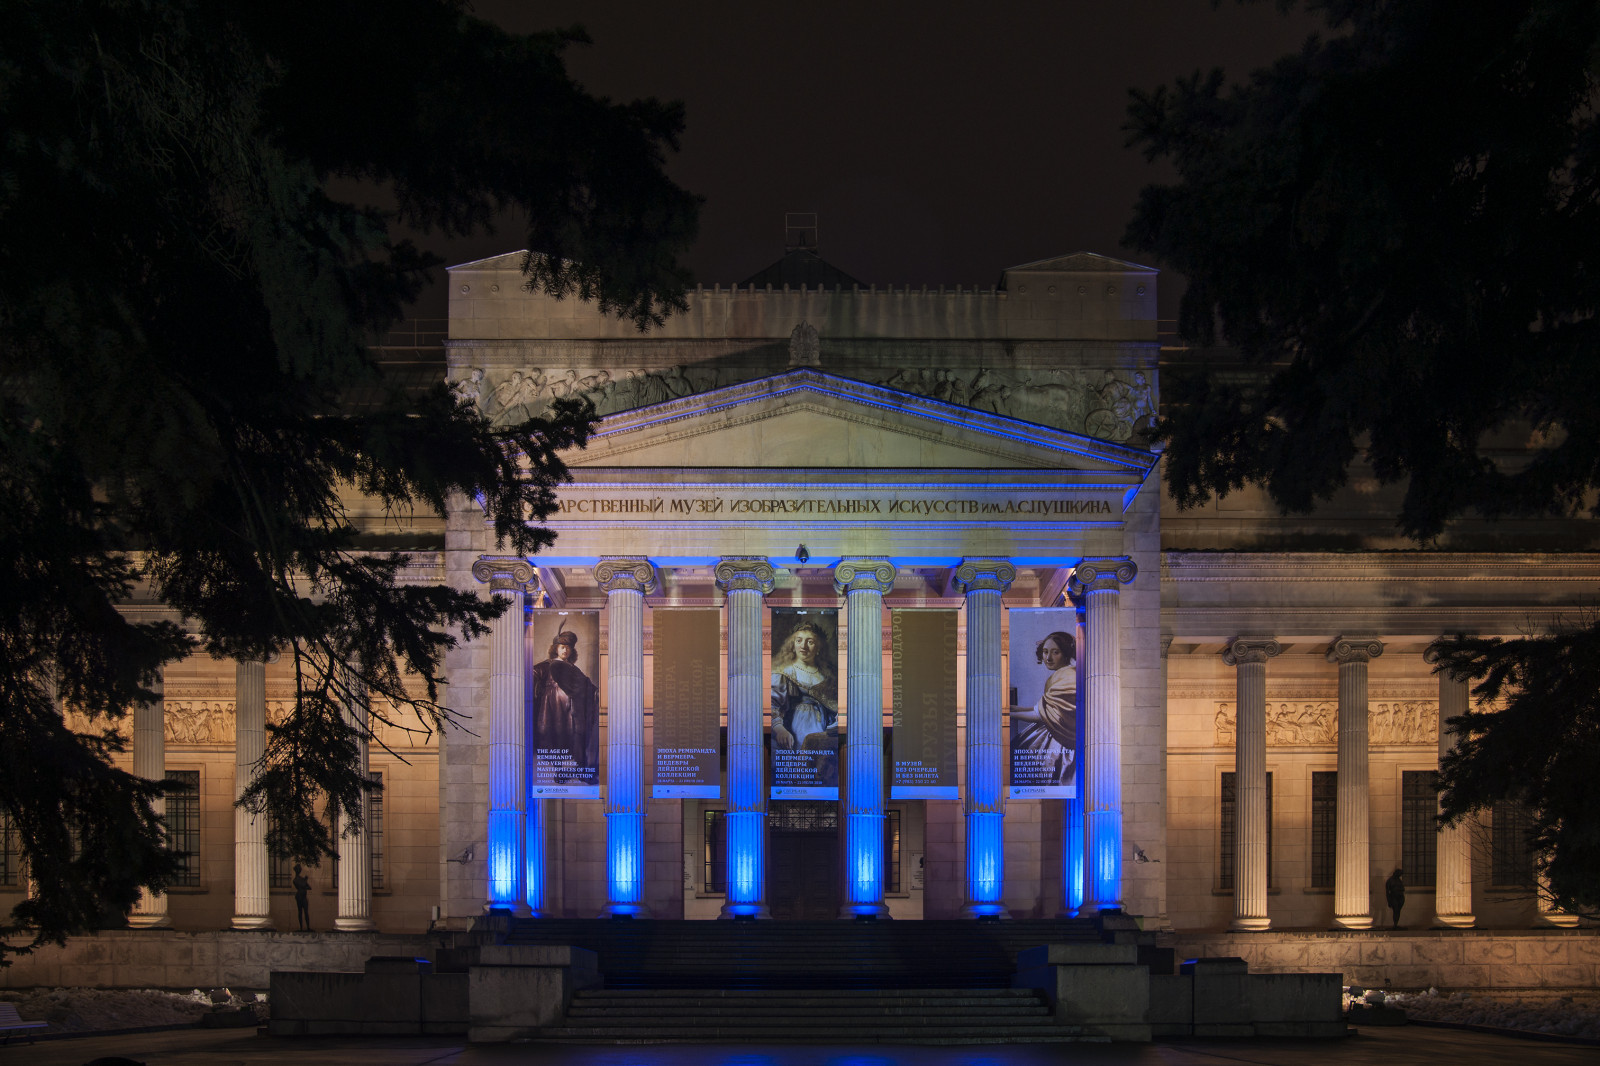 Достопримечательности Нижнего Новгорода будут подсвечены синим в поддержку людей с аутизмом 2 апреля